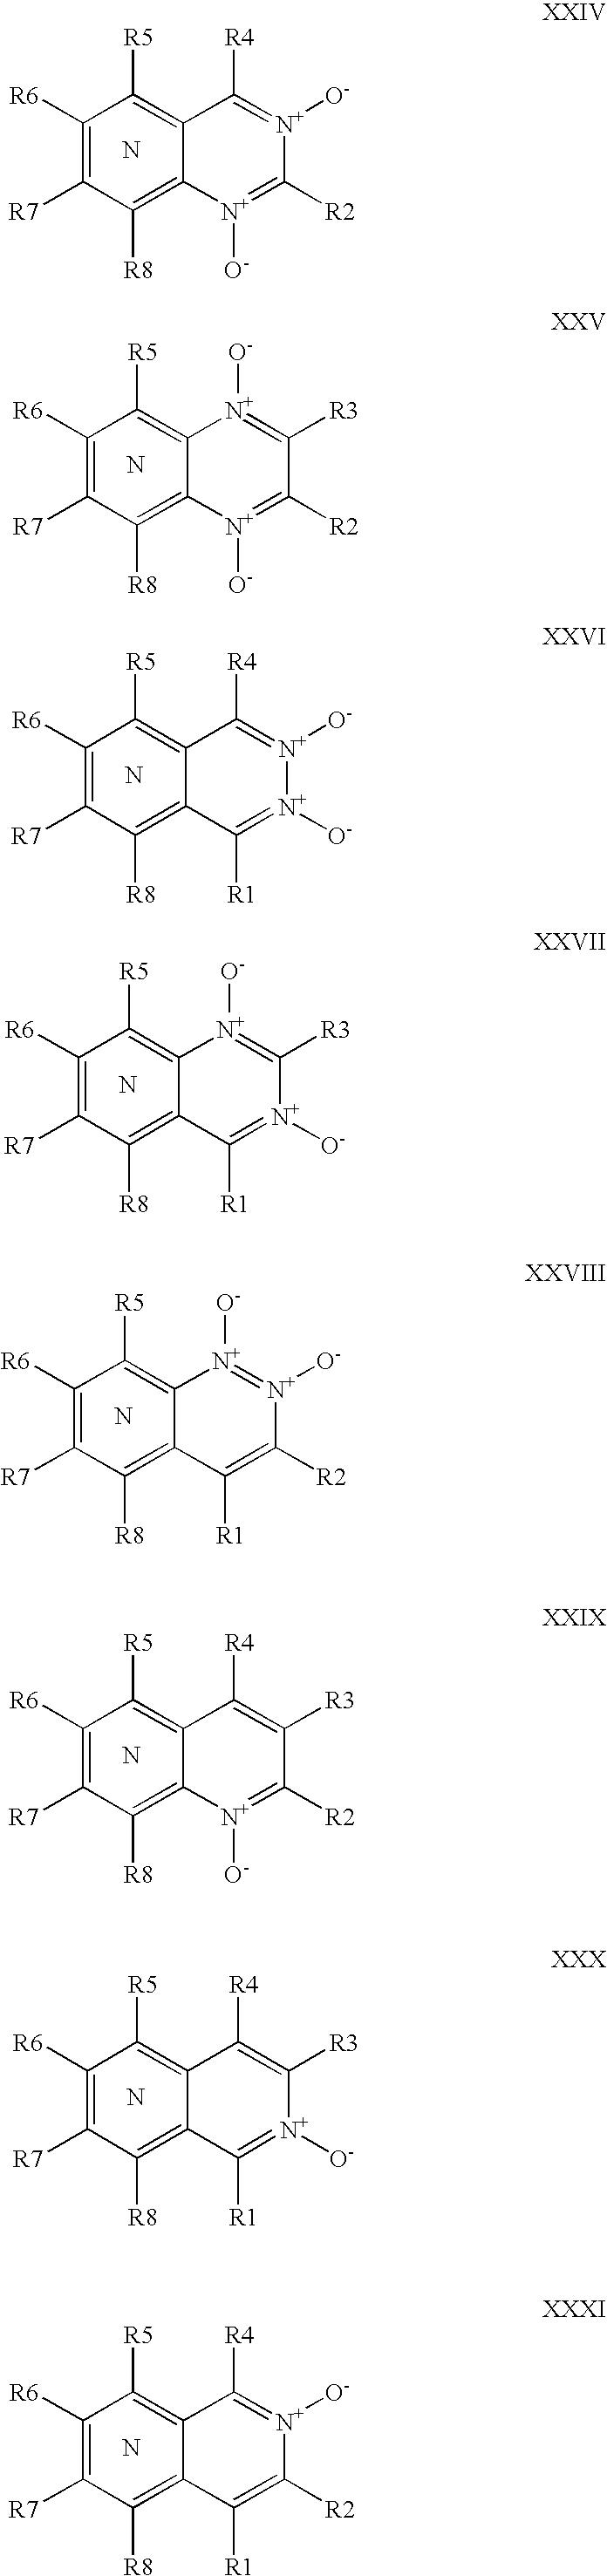 Figure US07288123-20071030-C00057